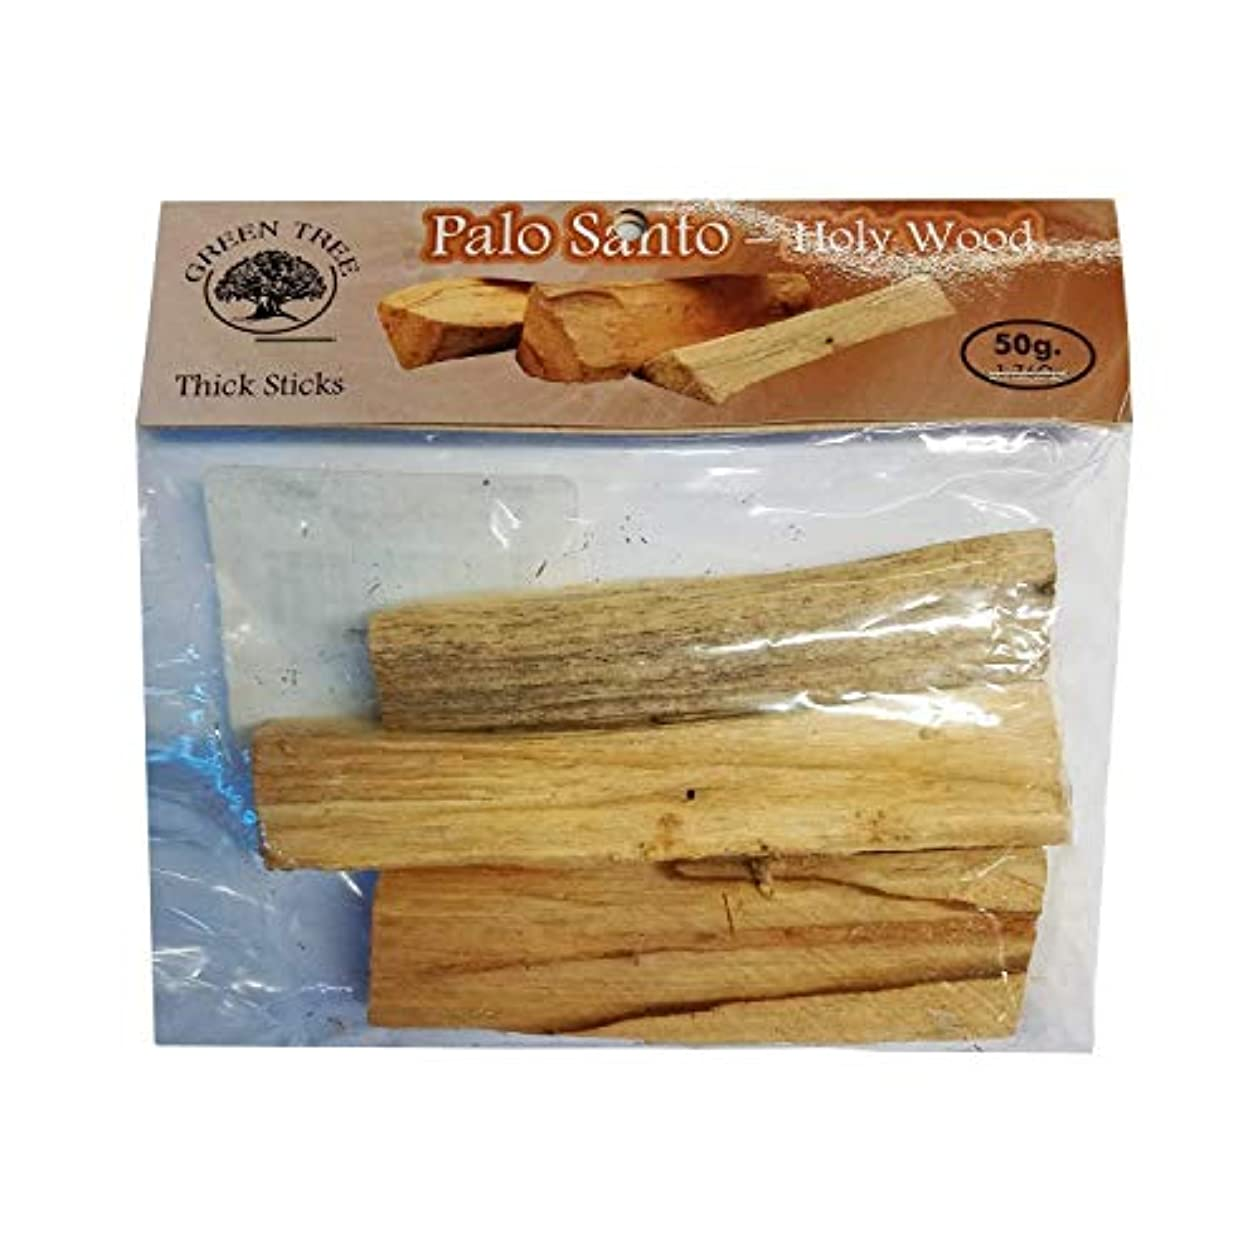 で出来ているピカリングお風呂を持っているグリーンツリー50グラムのバッグPalo Santo Holy Wood Sticks